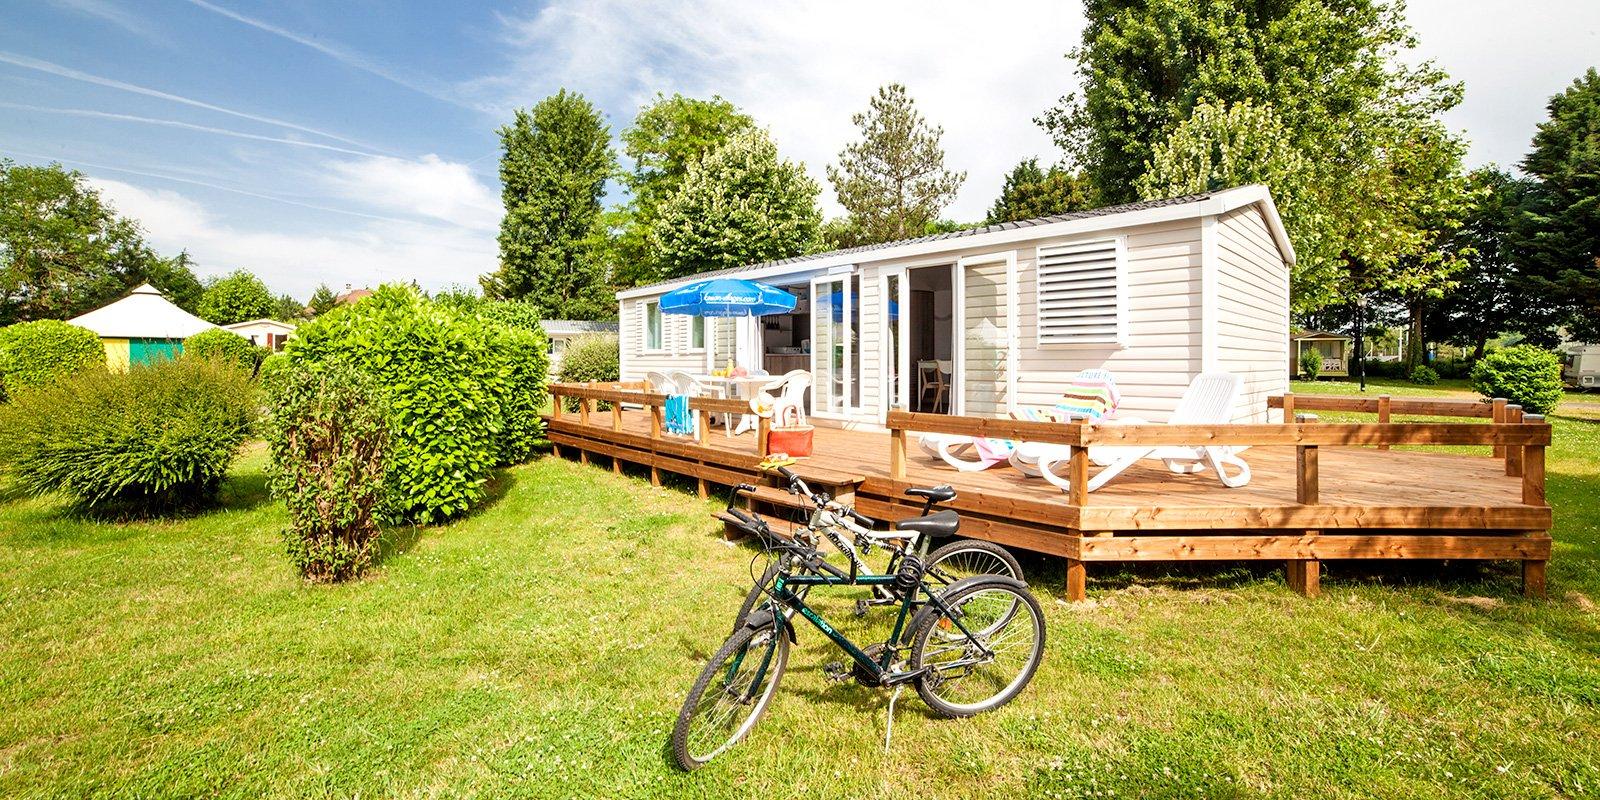 Camping 3 Etoiles Paris Camping Seine Et Marne La Belle Etoile